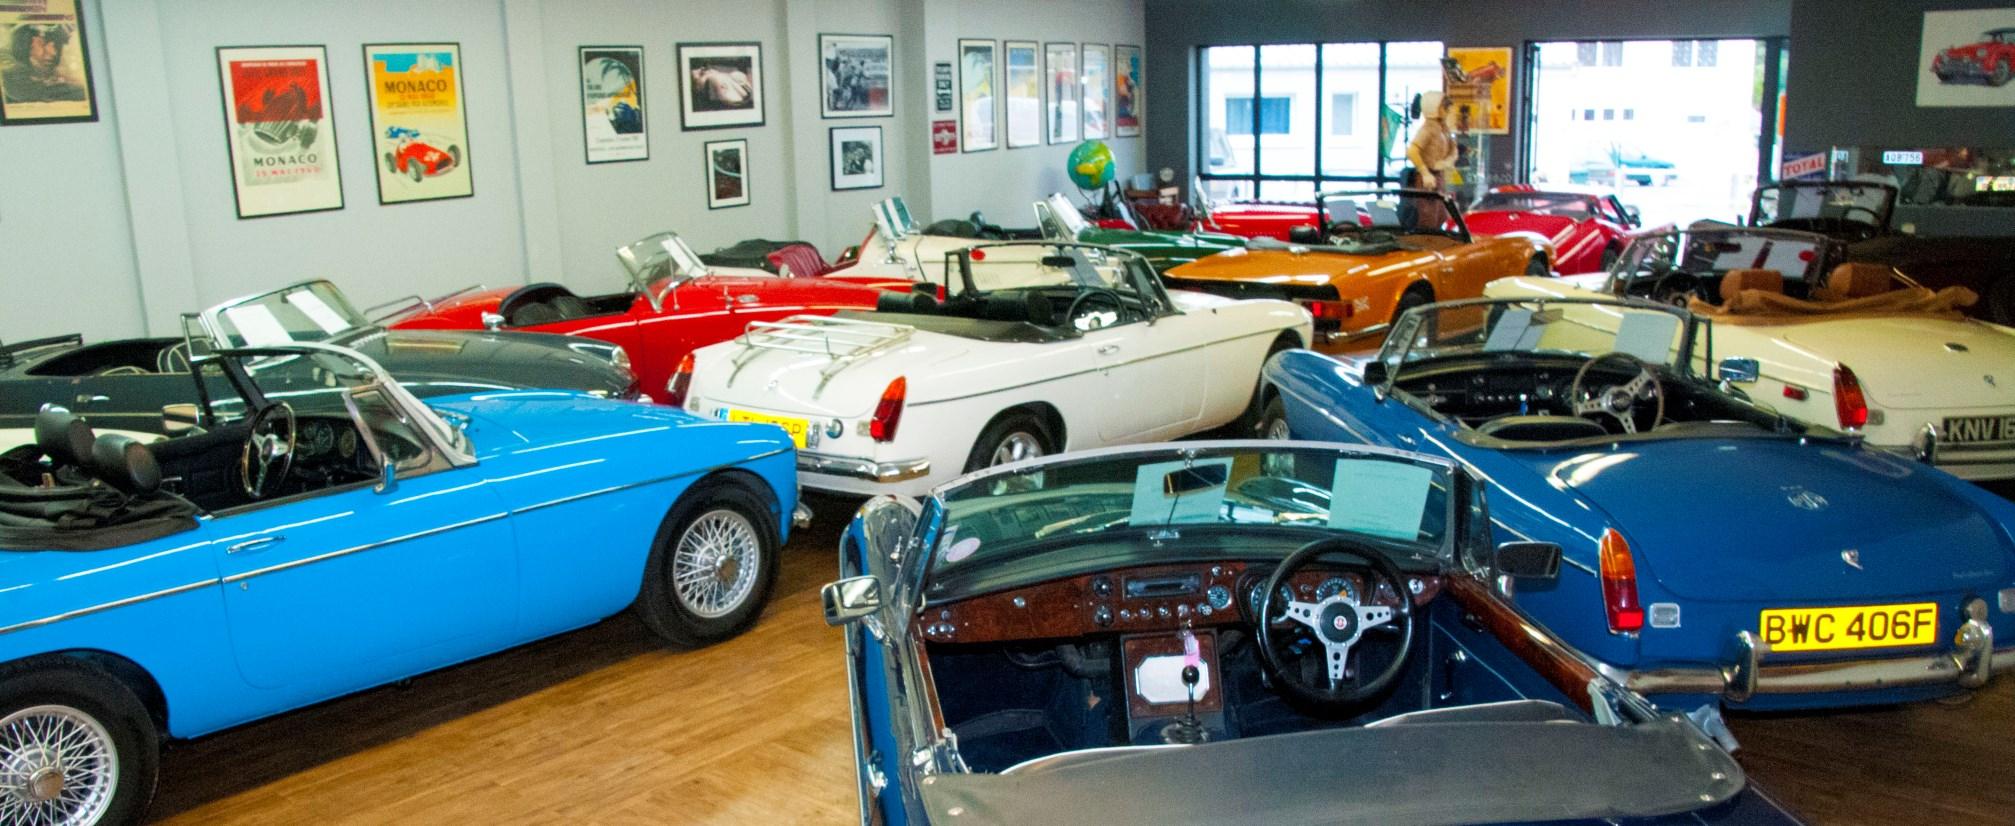 paul 39 s classic cars vente de voitures de collection anglaise. Black Bedroom Furniture Sets. Home Design Ideas